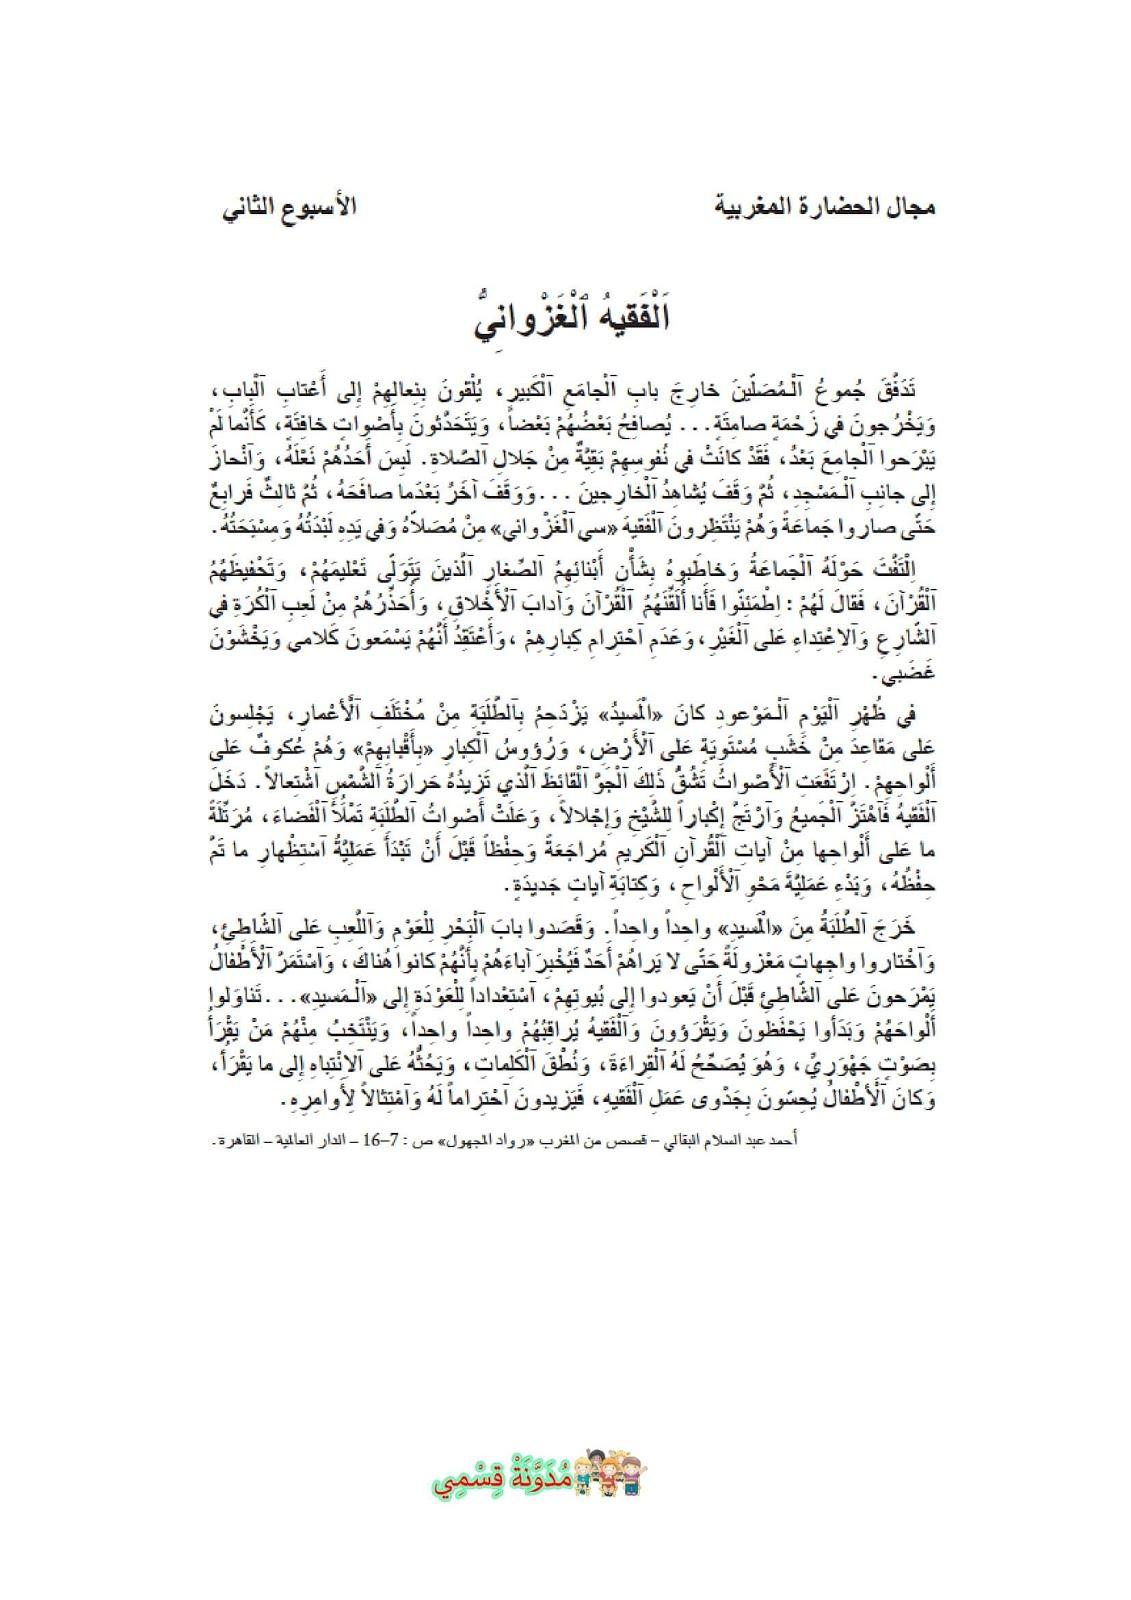 النص السماعي الفقيه الغزواني للمستوى الرابع المنير